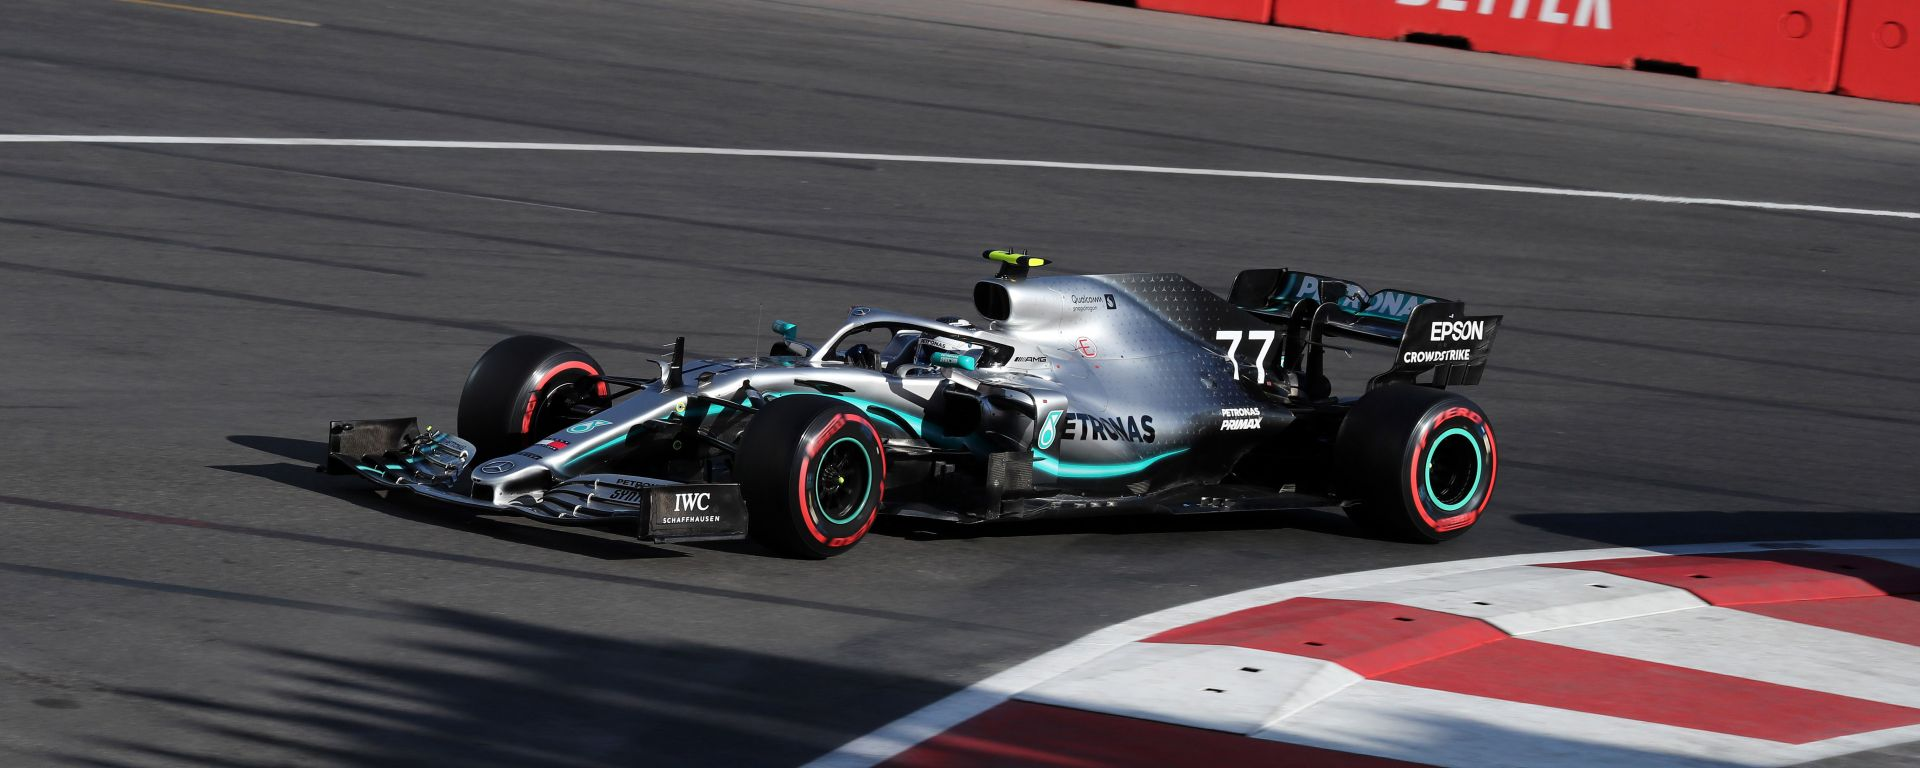 F1 Gp Azerbaijan 2019 - Qualifiche: Zampata Bottas, prima fila Mercedes